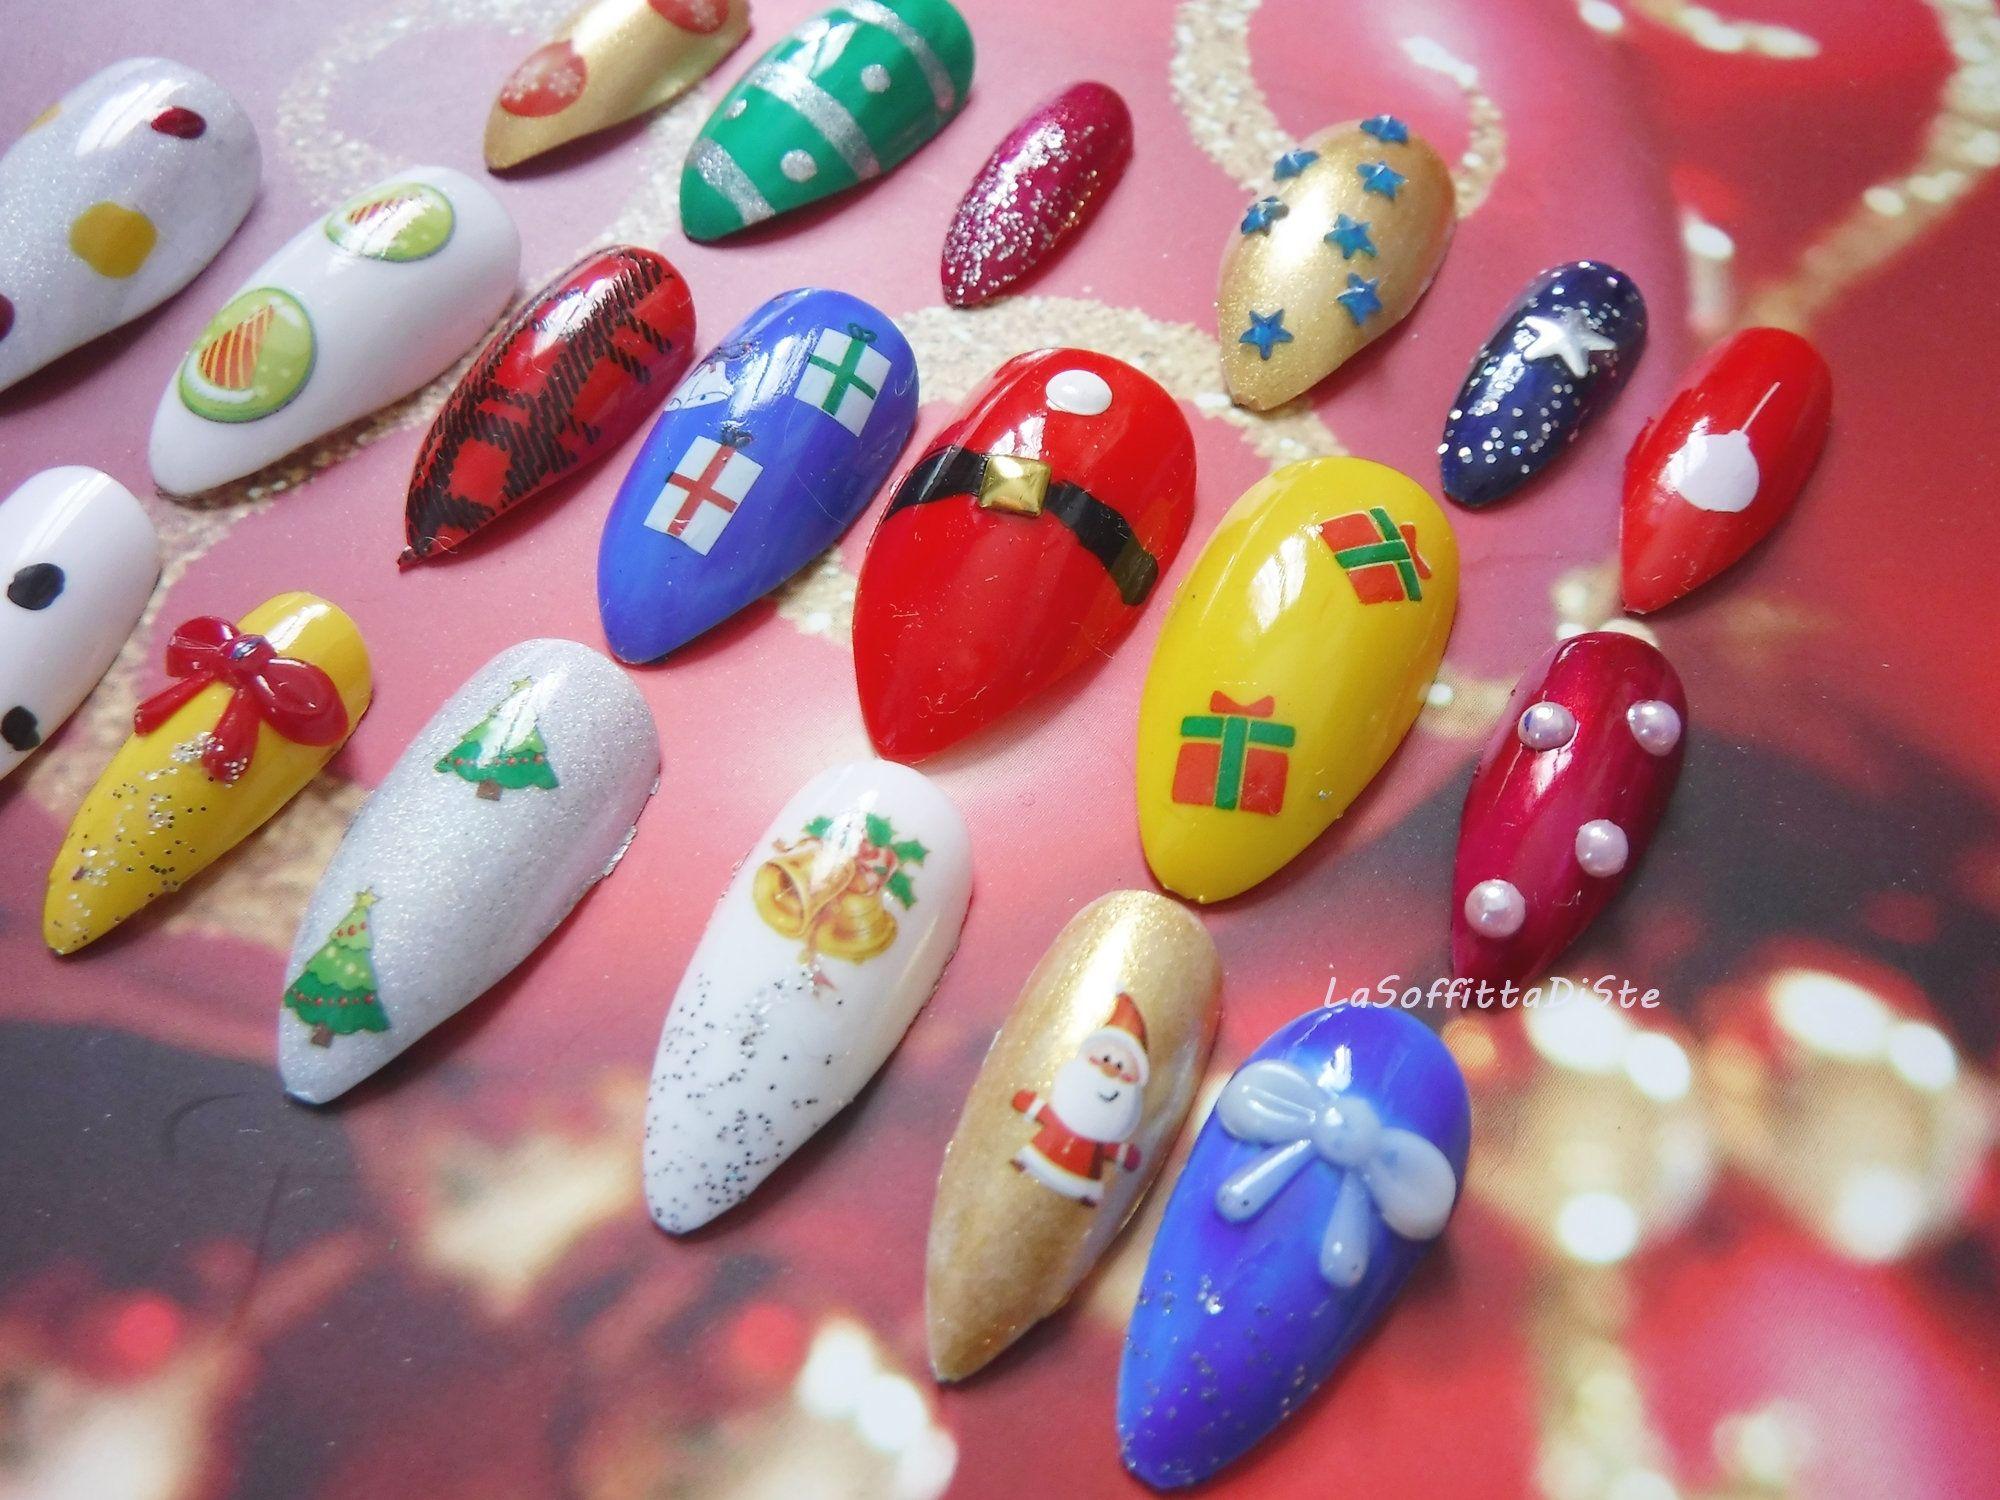 Ongles de Noel faux presse 3D sur manucure stiletto astuce de Noel